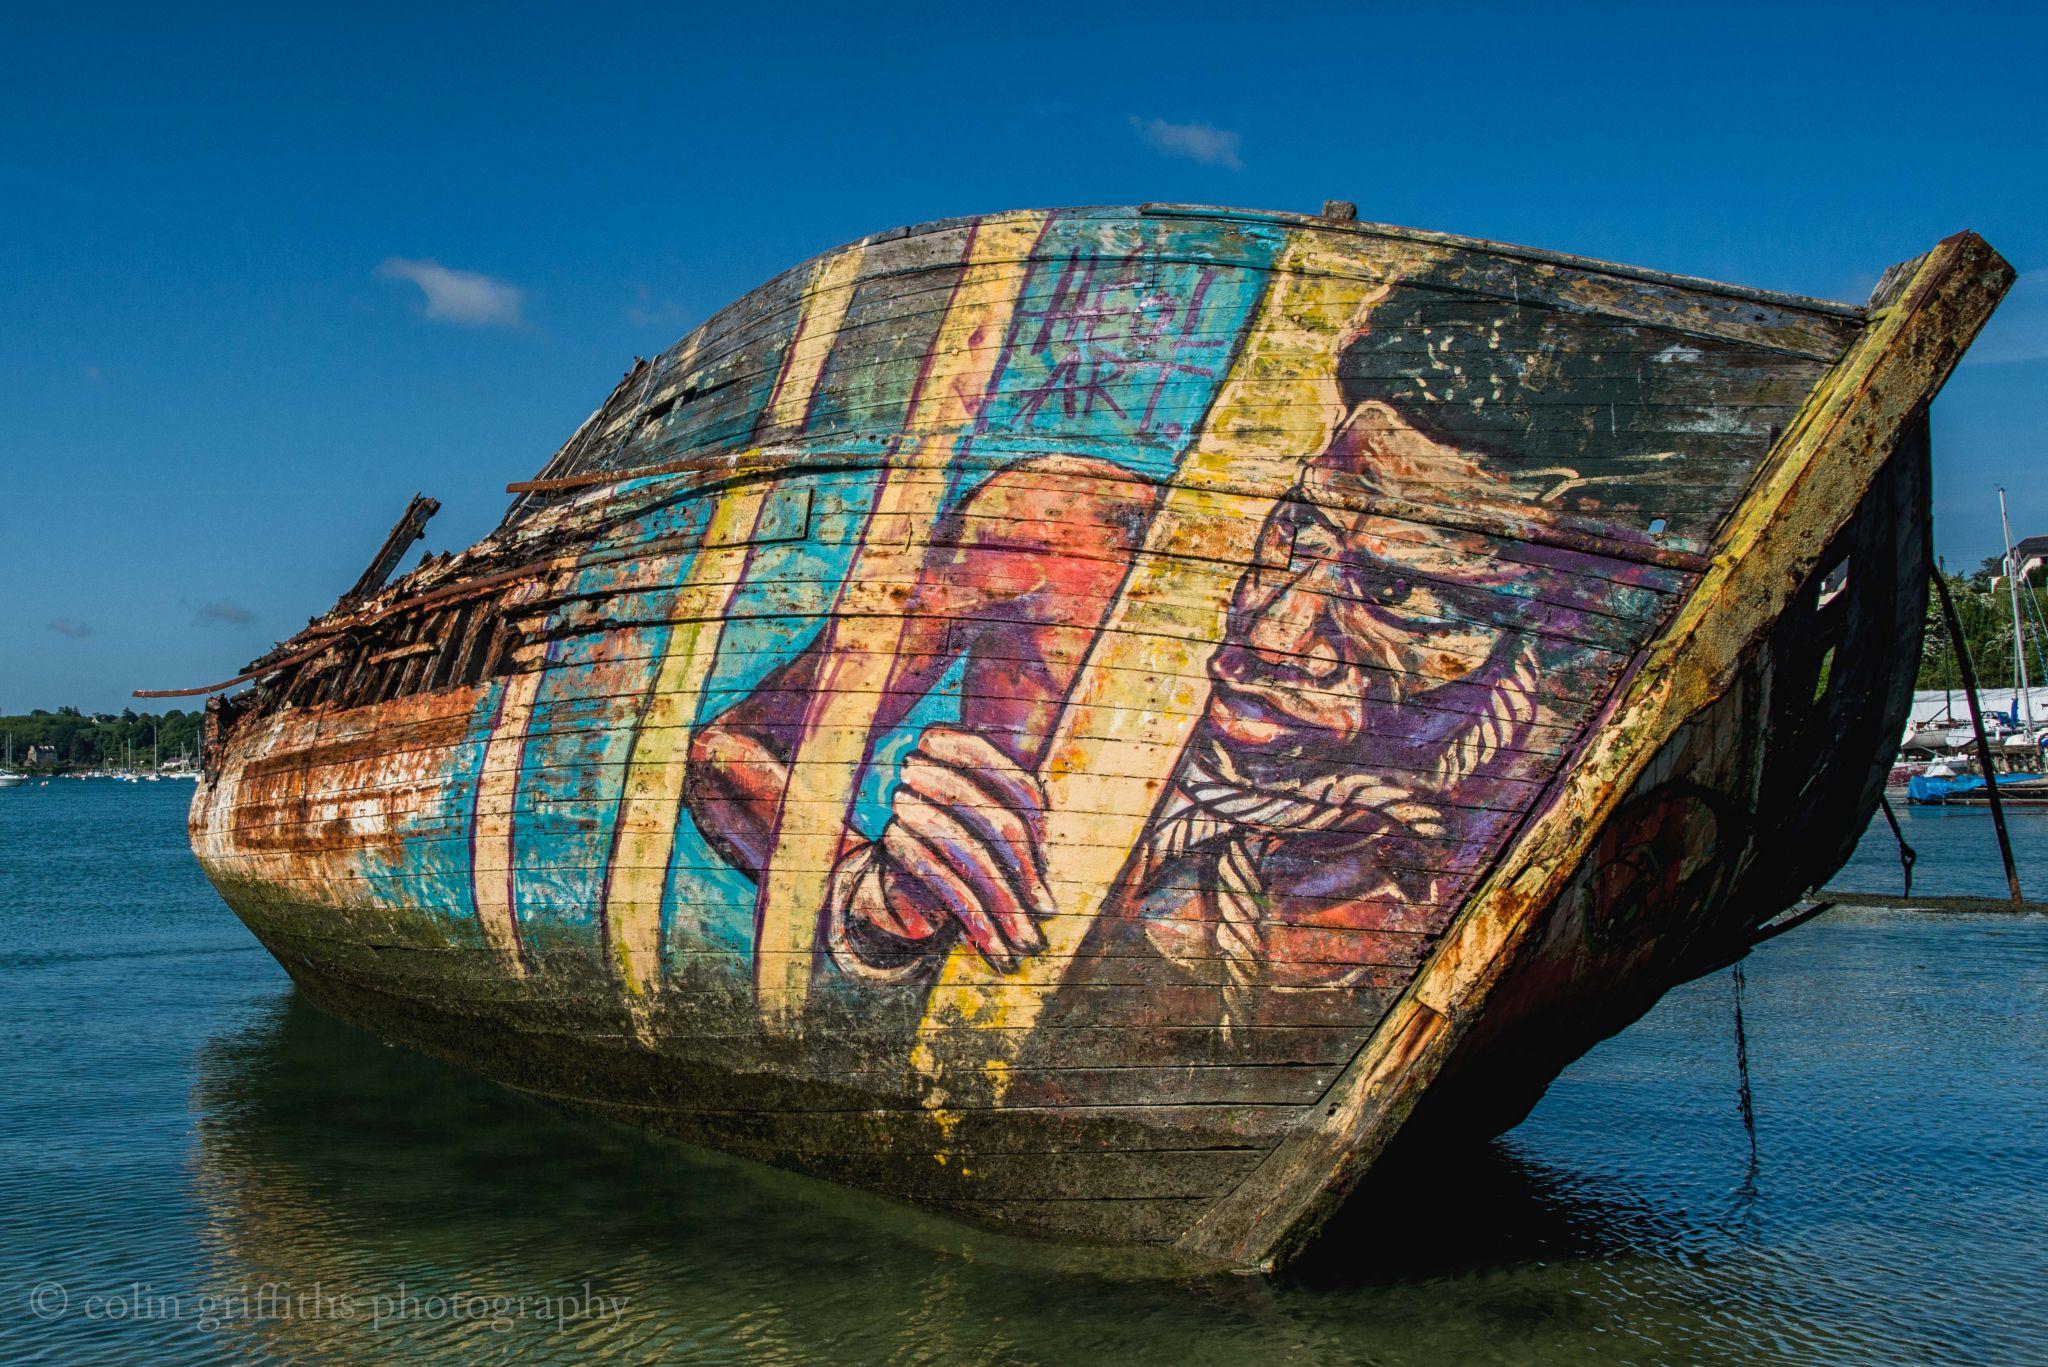 Dead boats bay, France